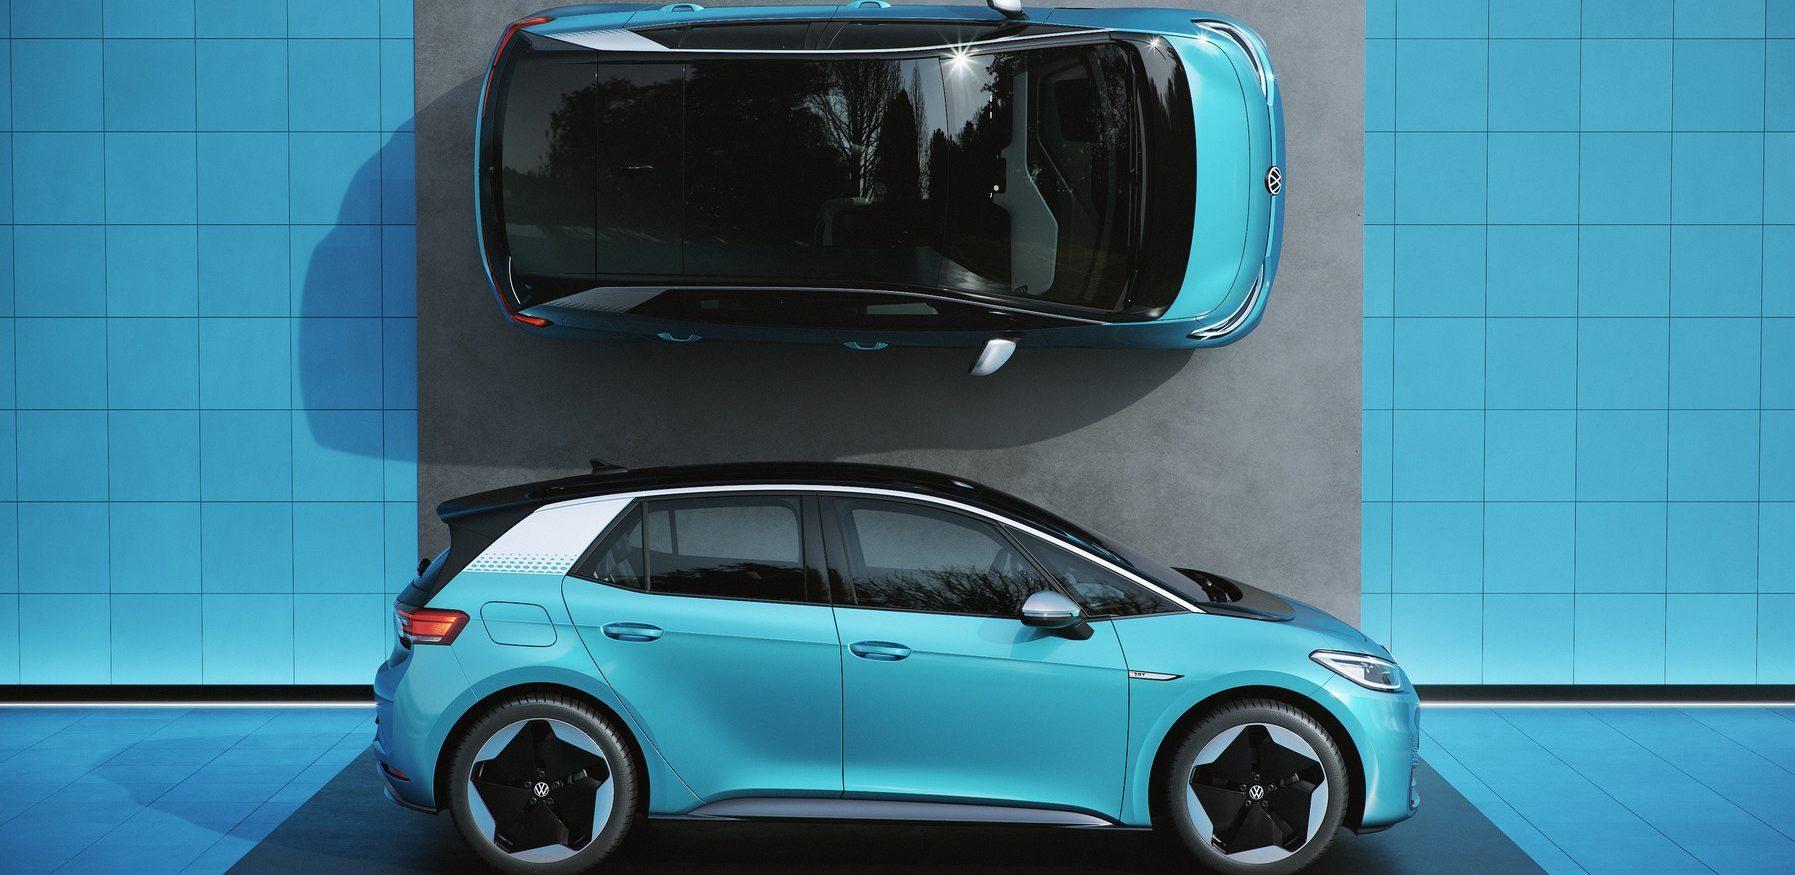 大众汽车将于7月20号开始销售ID.3电动车